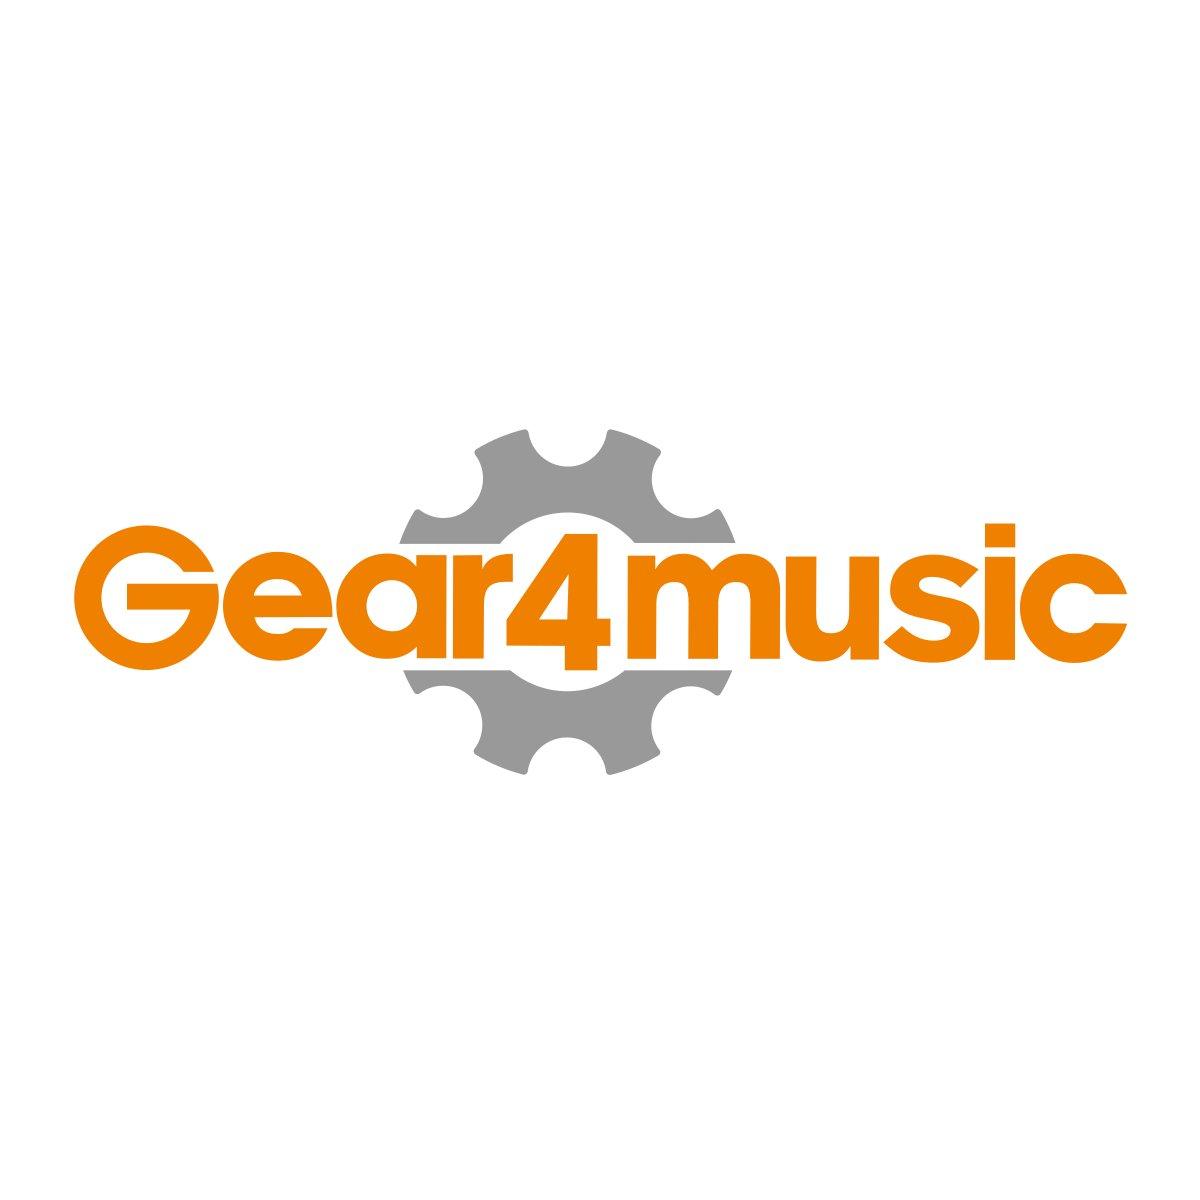 guitare lectrique 3 4 la par gear4music bleu. Black Bedroom Furniture Sets. Home Design Ideas